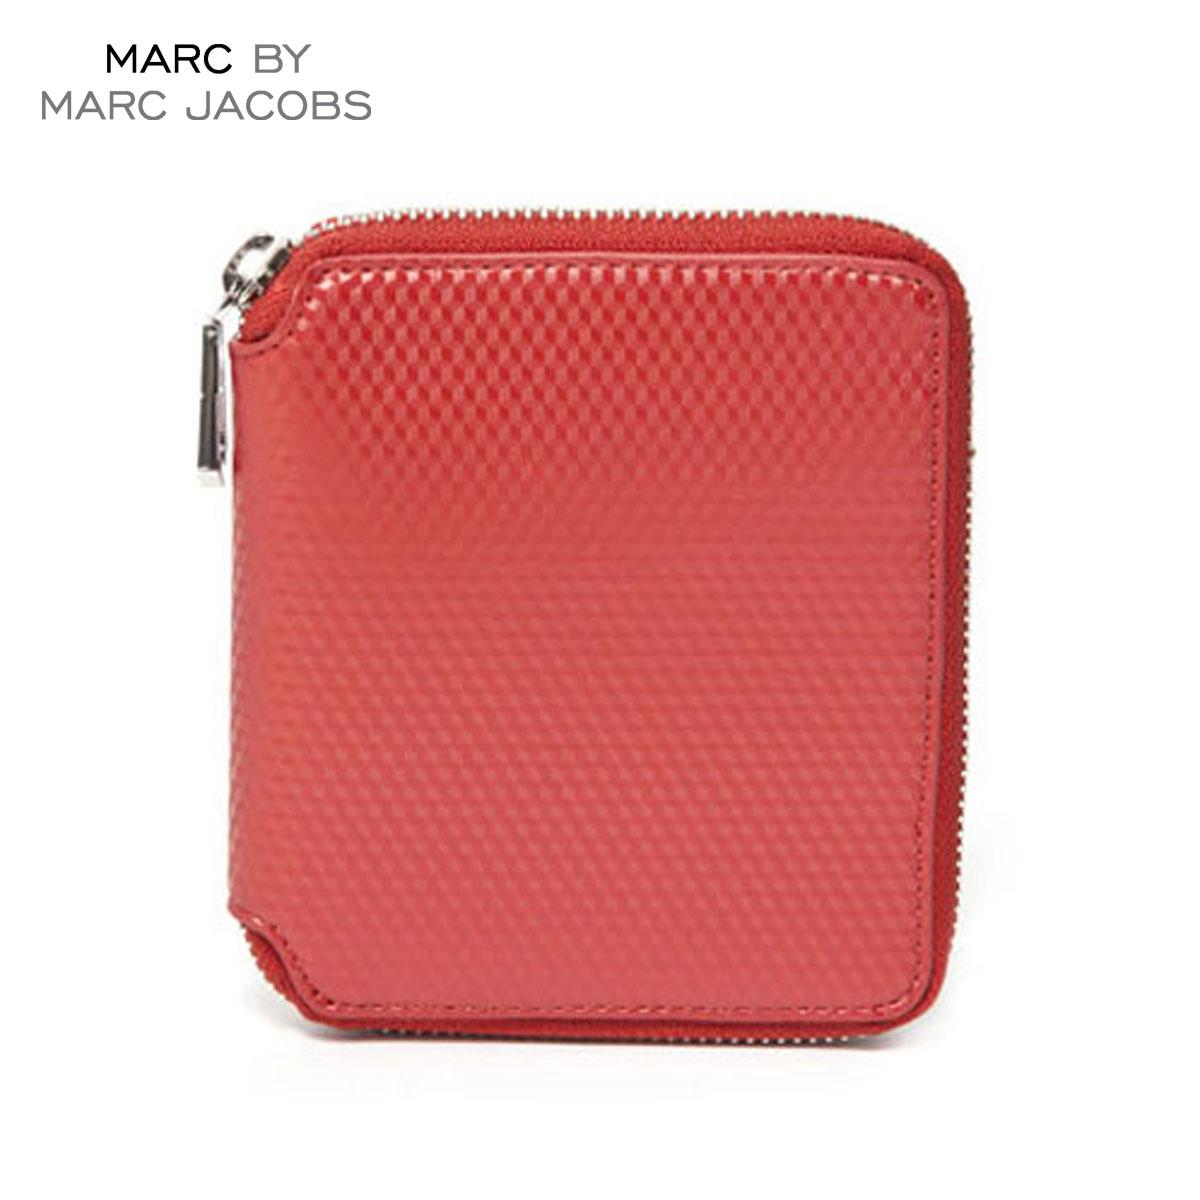 マークジェイコブス MARCJACOBS 正規品 財布 Cube Zip Wallet 4.5 x5.125 D20S30